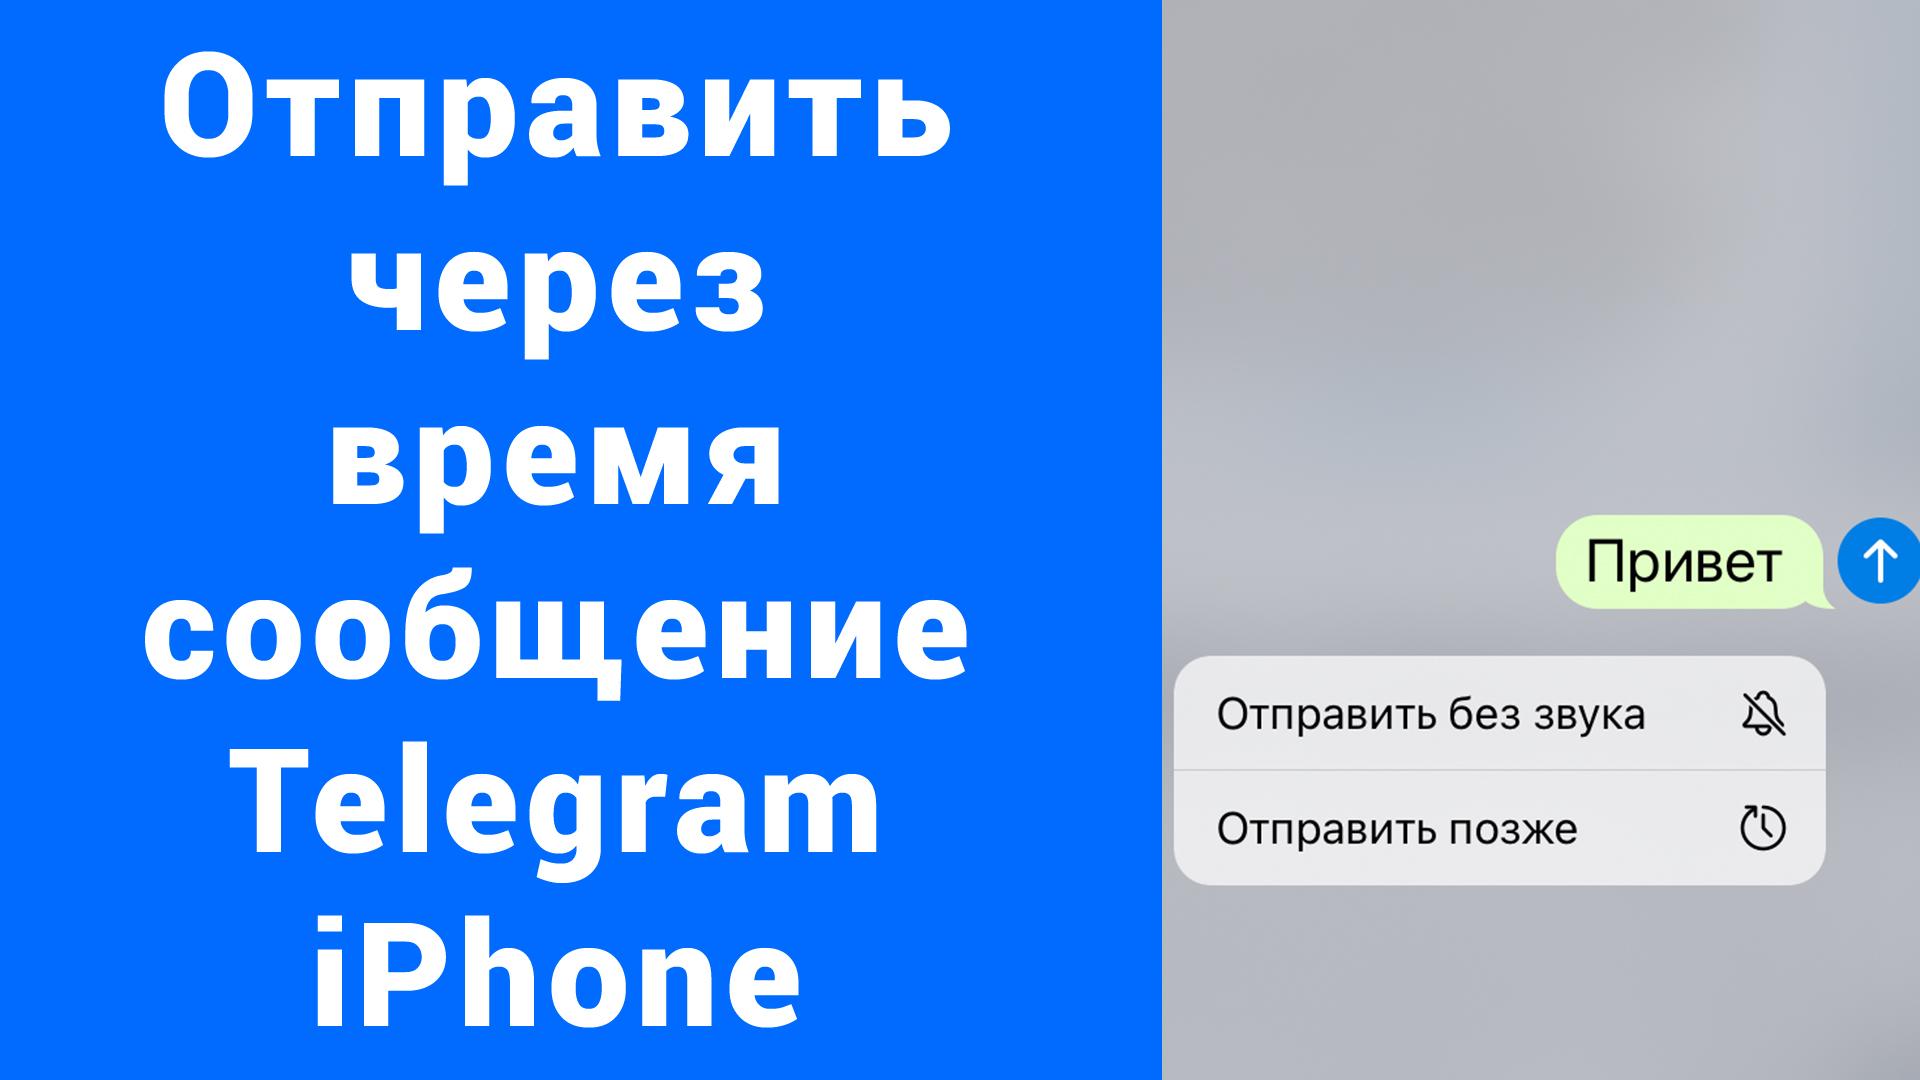 Отправить сообщение Телеграм в определённое время iPhone отложенное